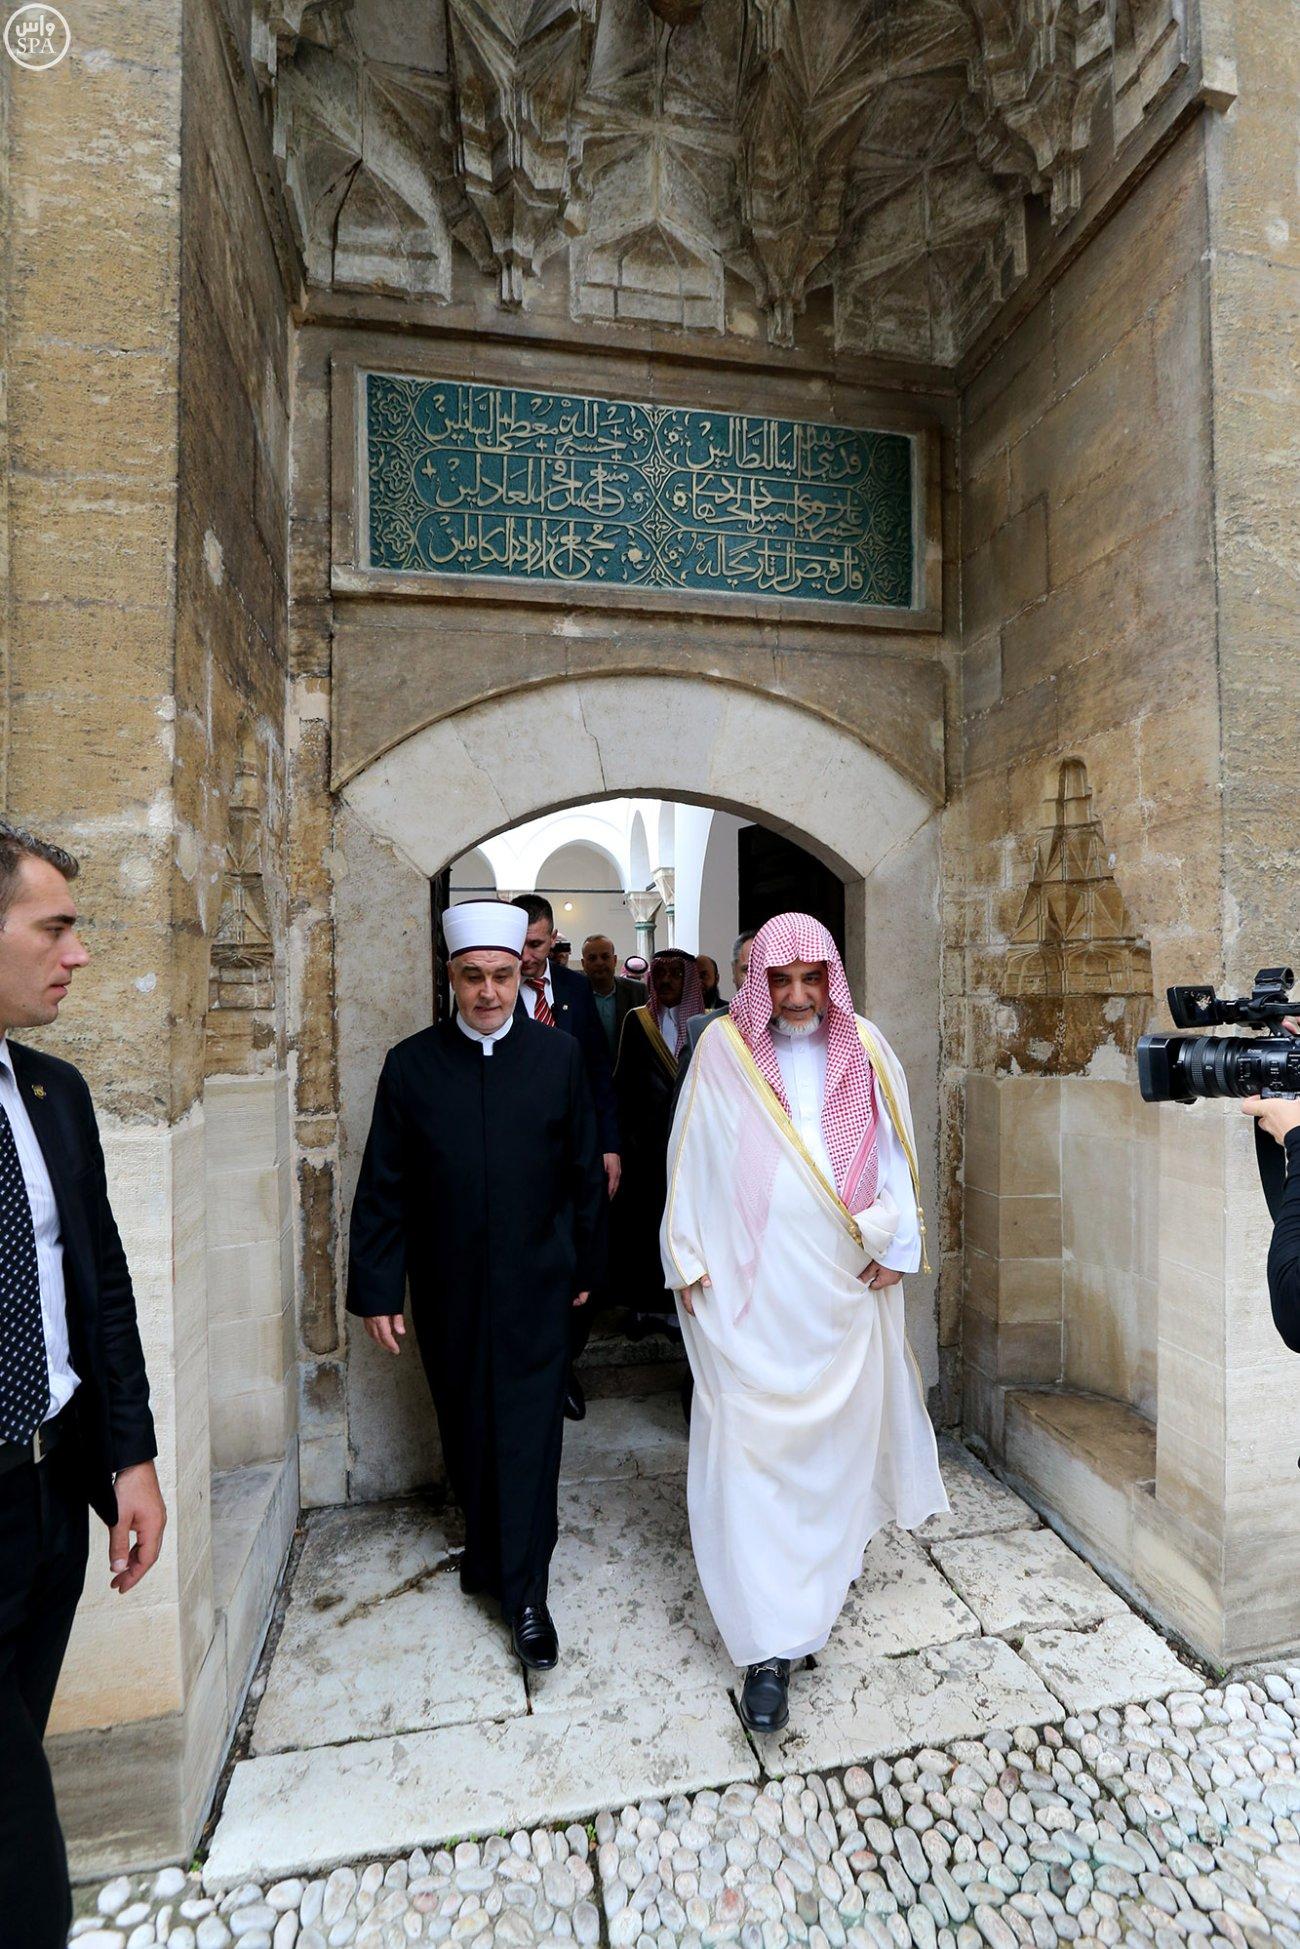 مخططات جامعة خسرو بك بالبوسنة تستوقف آل الشيخ (7)